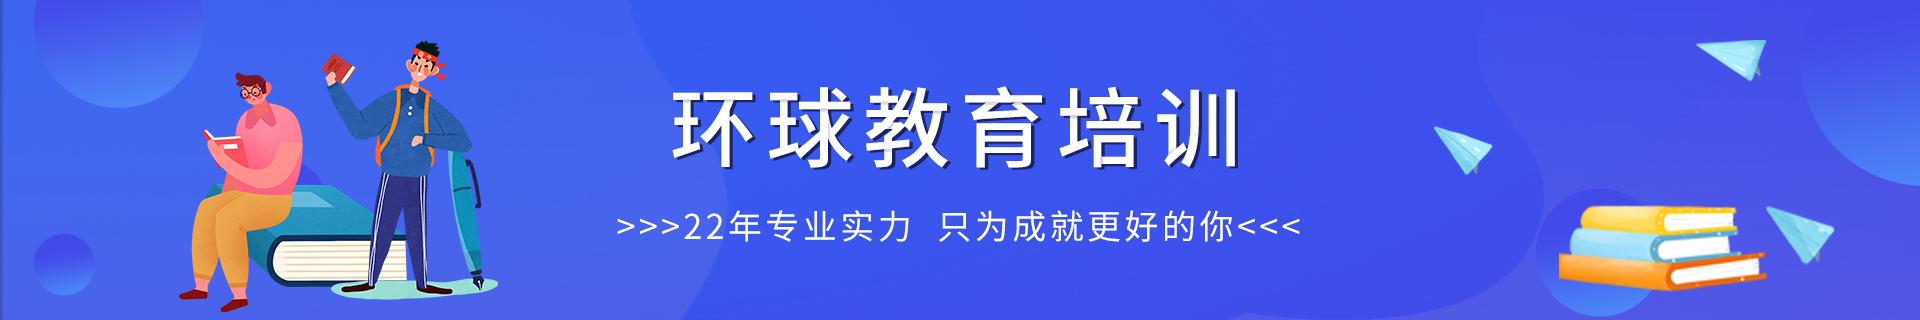 广州番禺环球教育培训机构